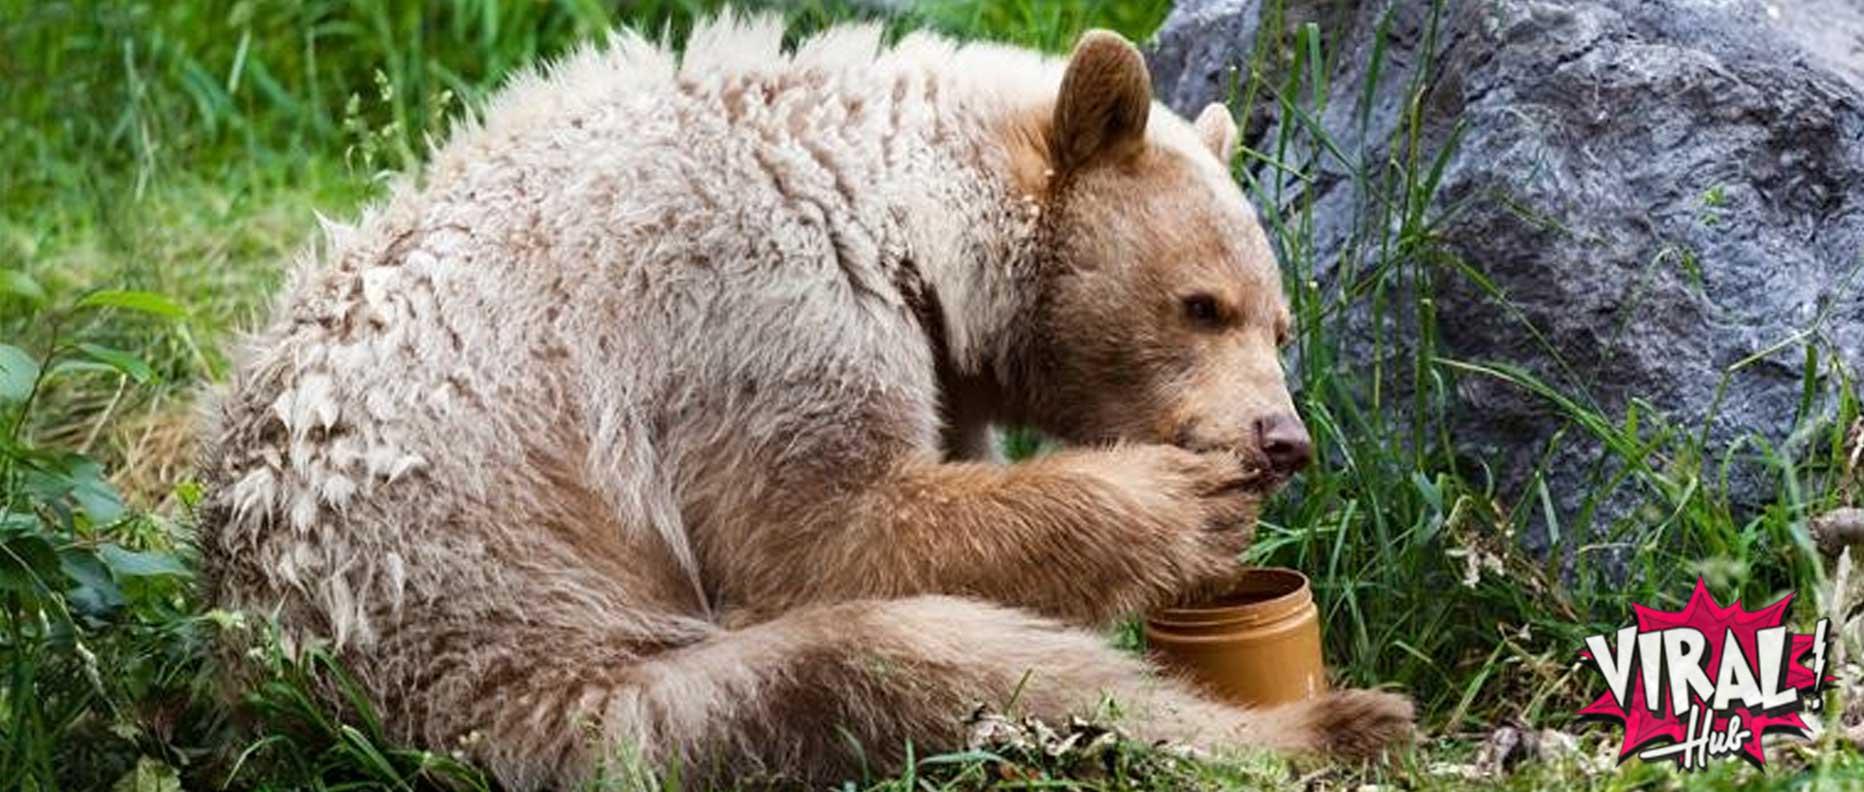 Urso sentado na grama comendo mel